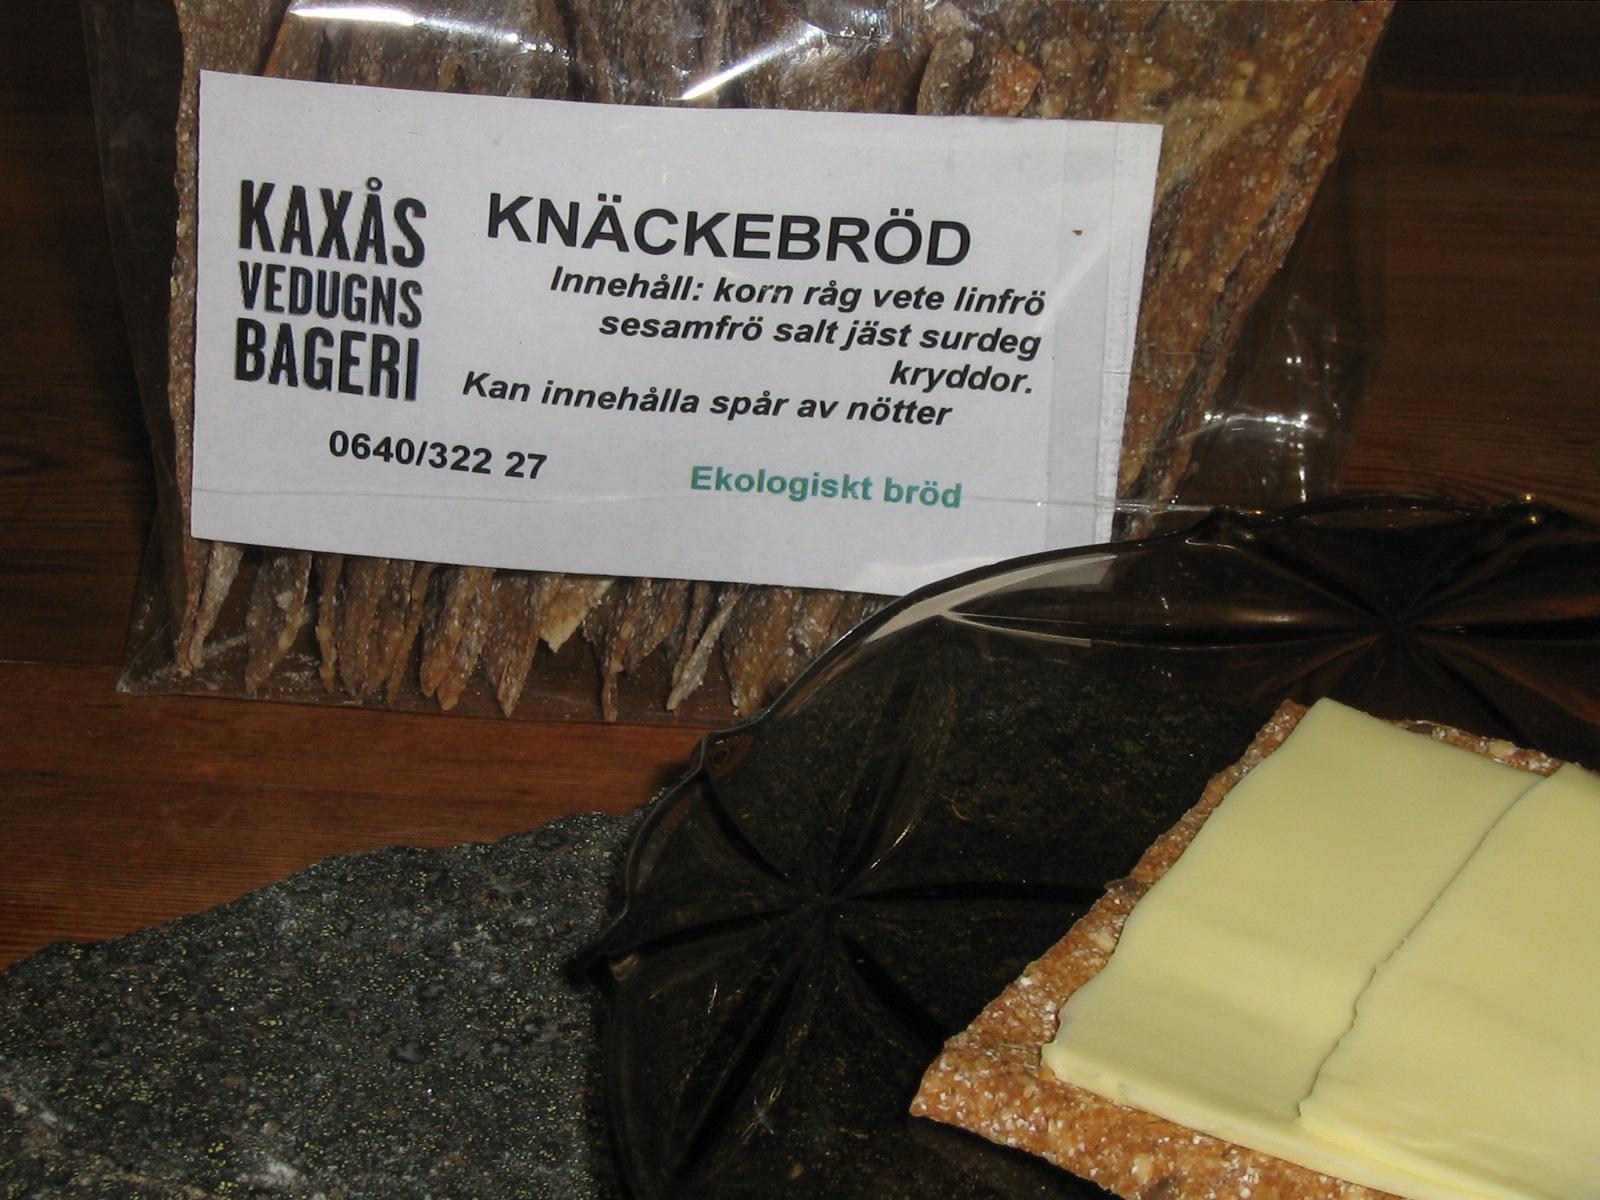 Mycket gott Knäckebröd från Kaxås Vedugnsbageri